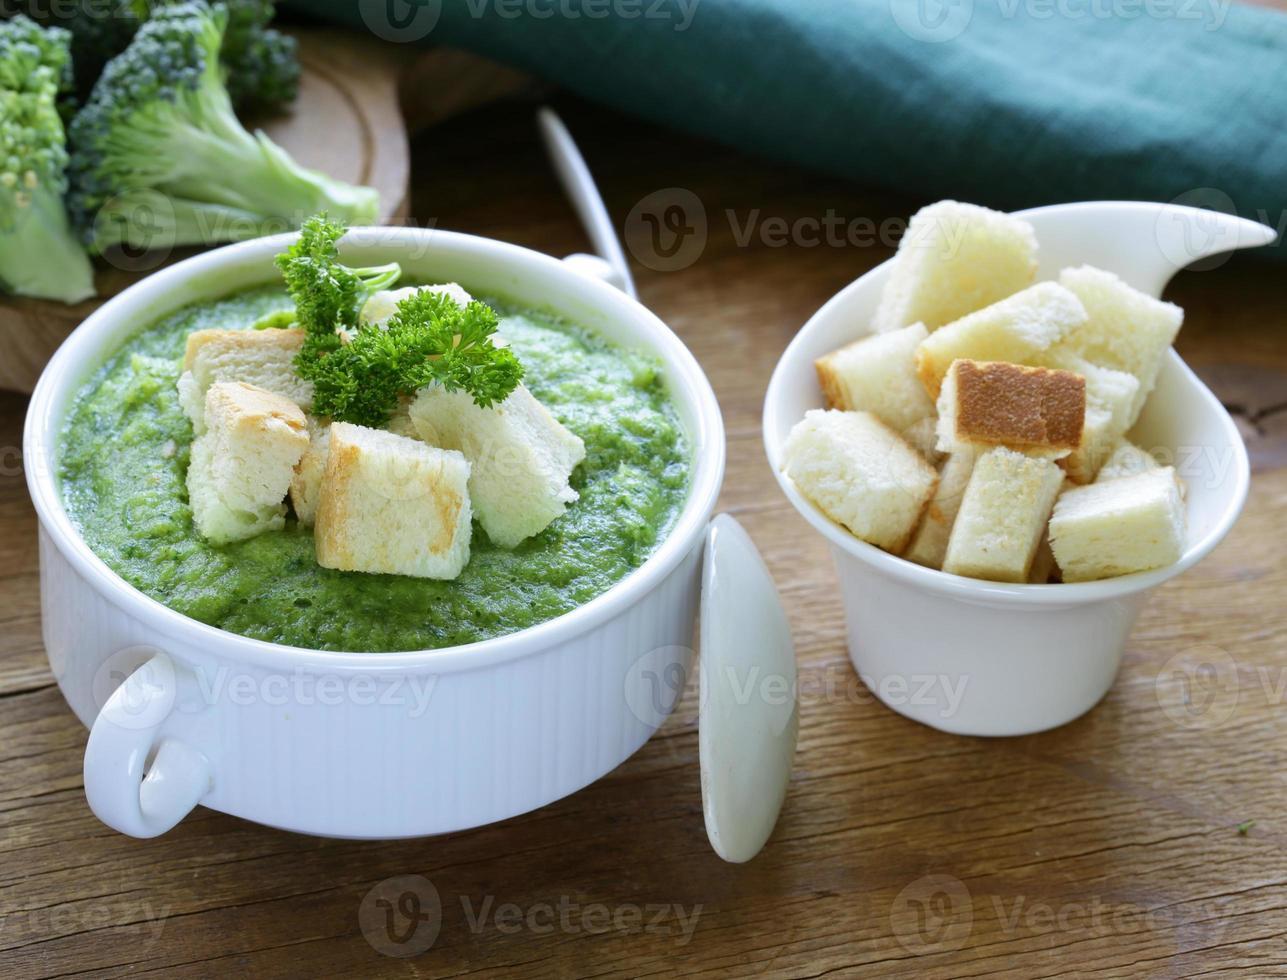 Gemüsebrokkoli-Cremesuppe mit weißen Croutons und Petersilie foto